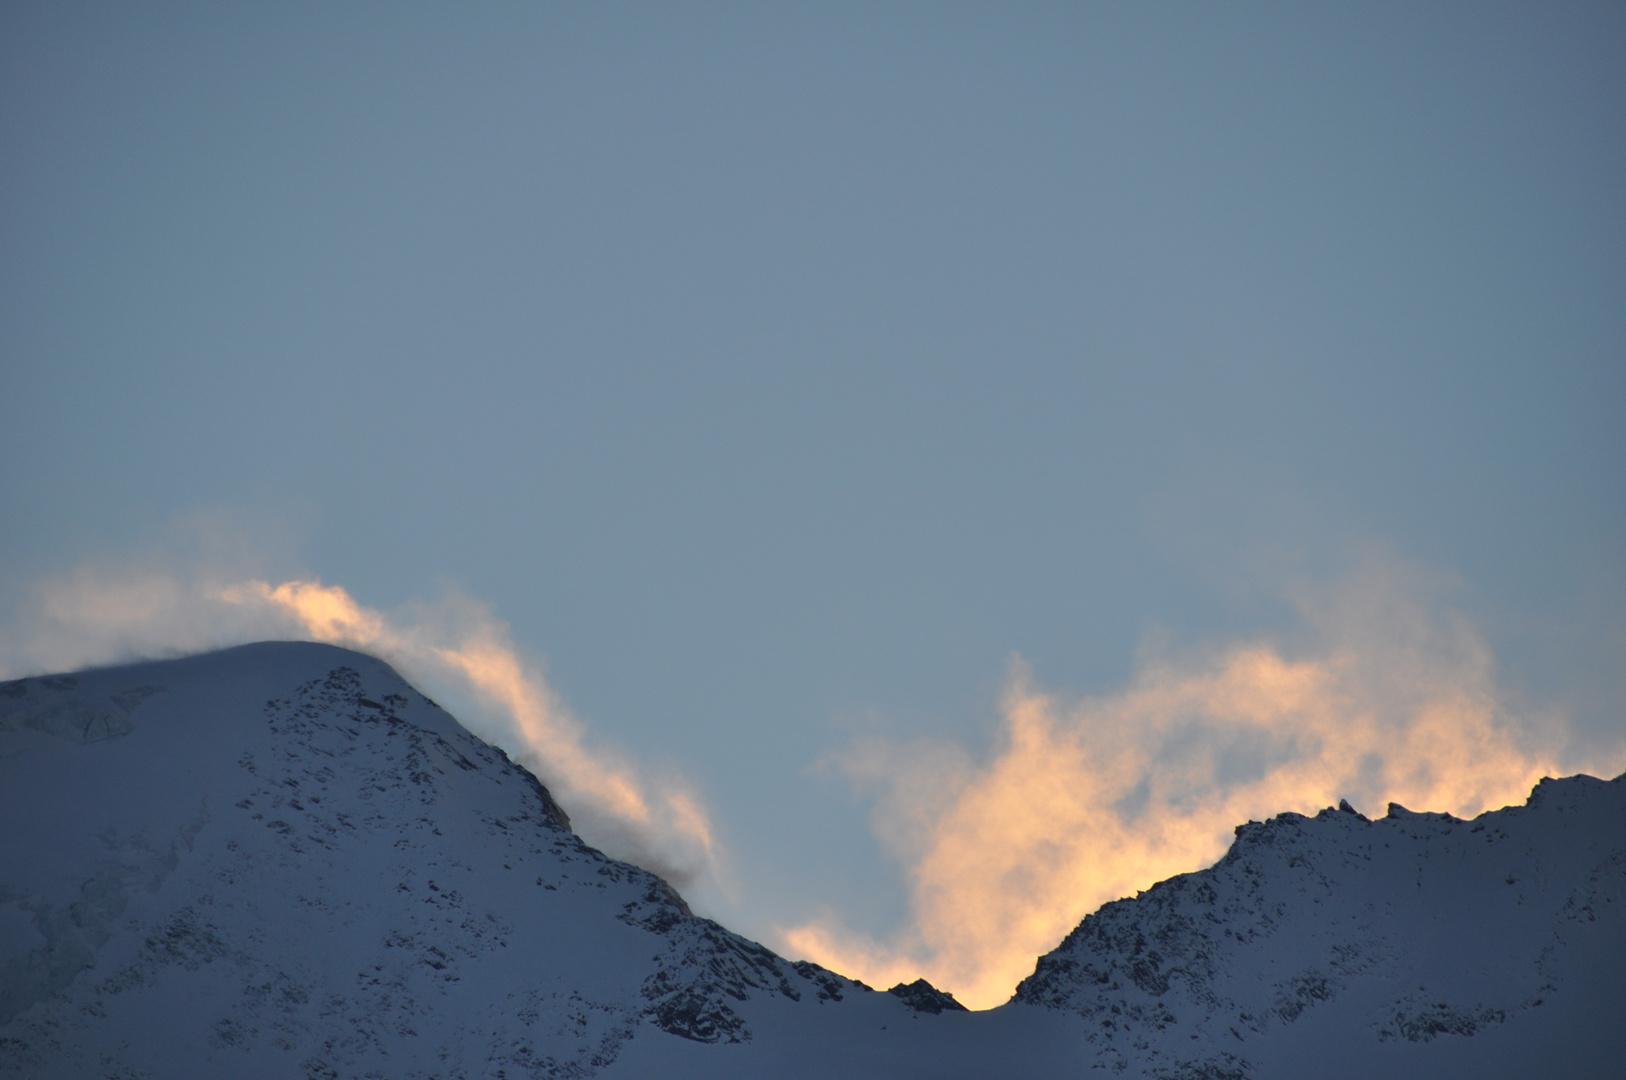 Fumerolles de fin du jour en haute montagne